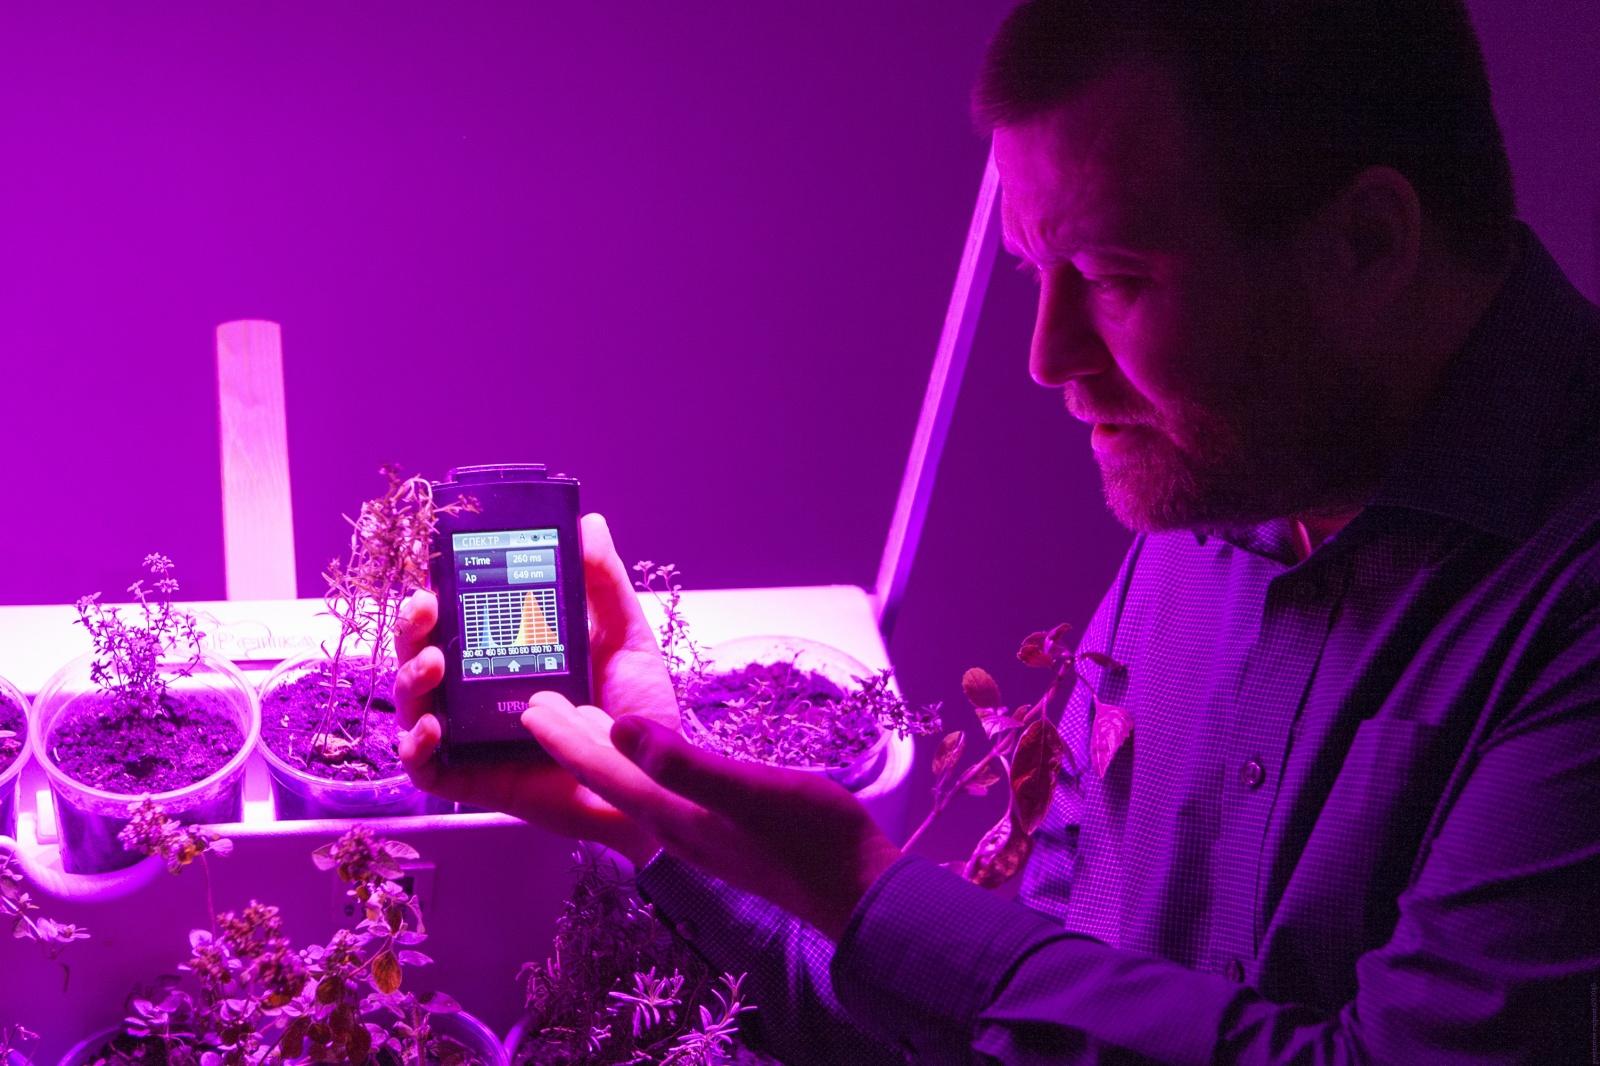 Освещение растений белыми светодиодами - 13